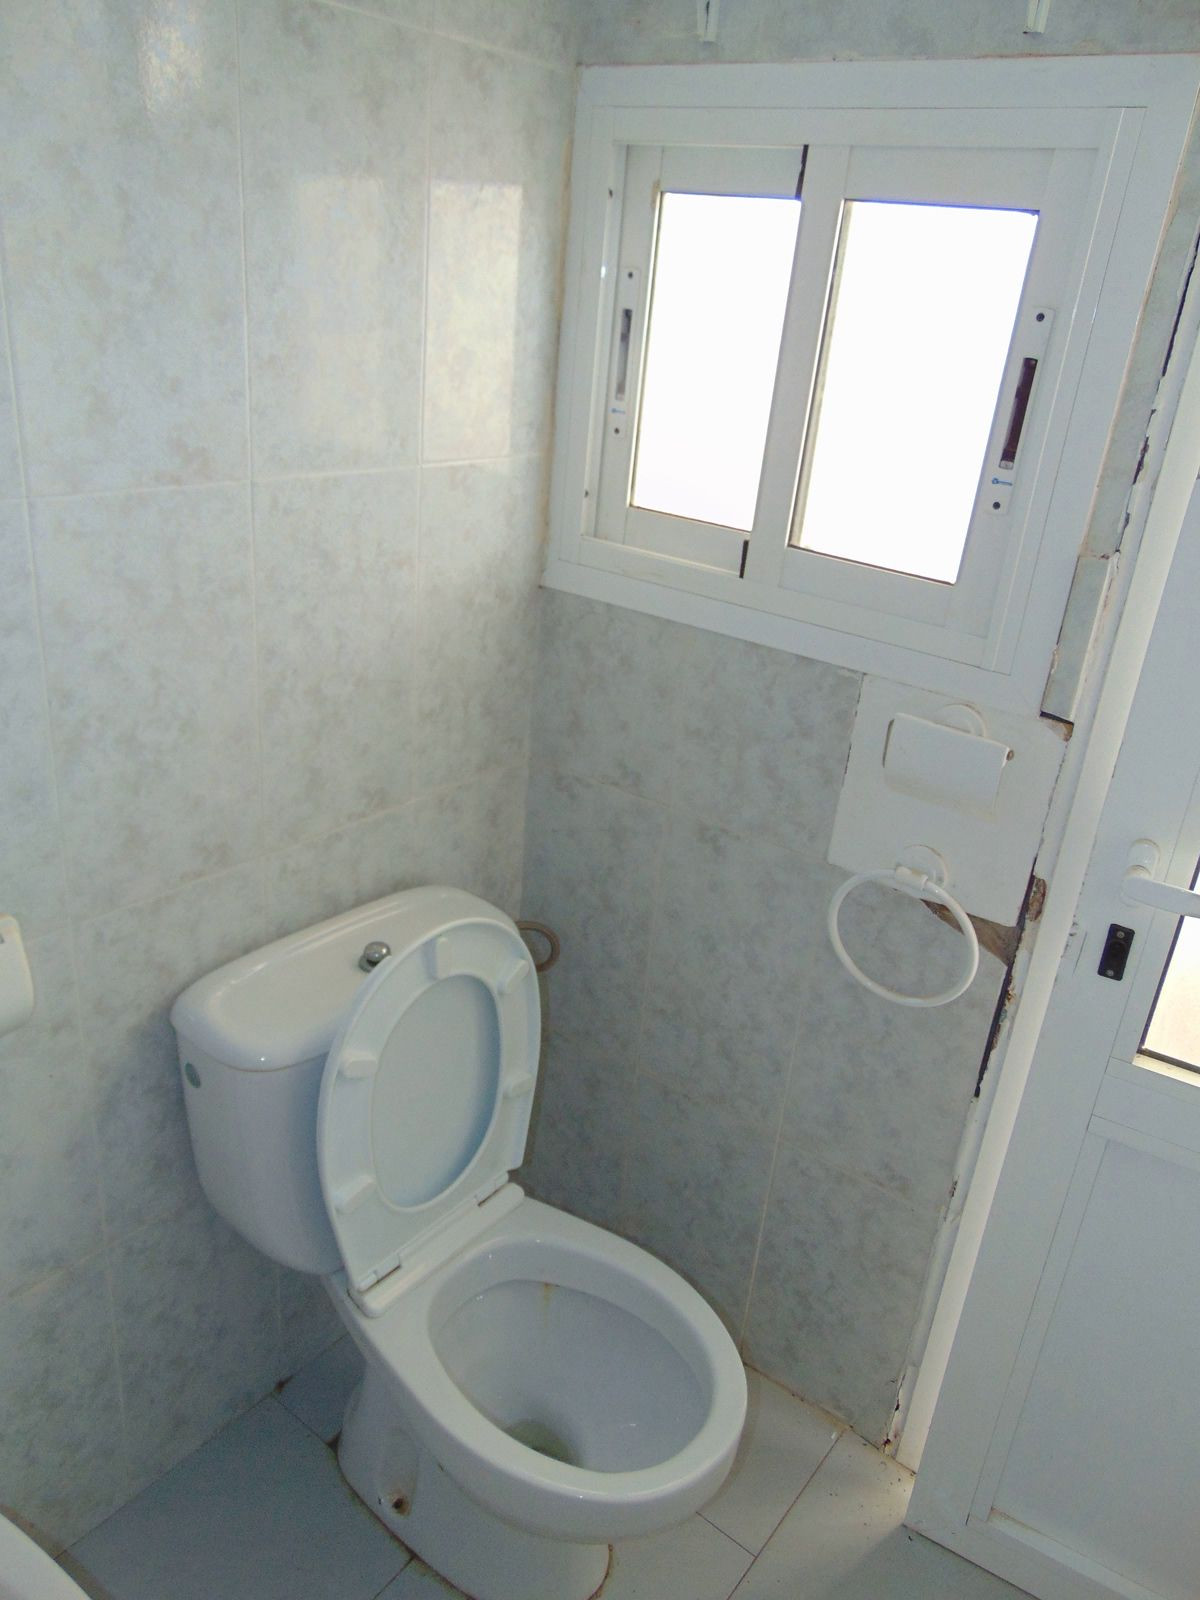 Villa con 2 Dormitorios en Venta Humilladero